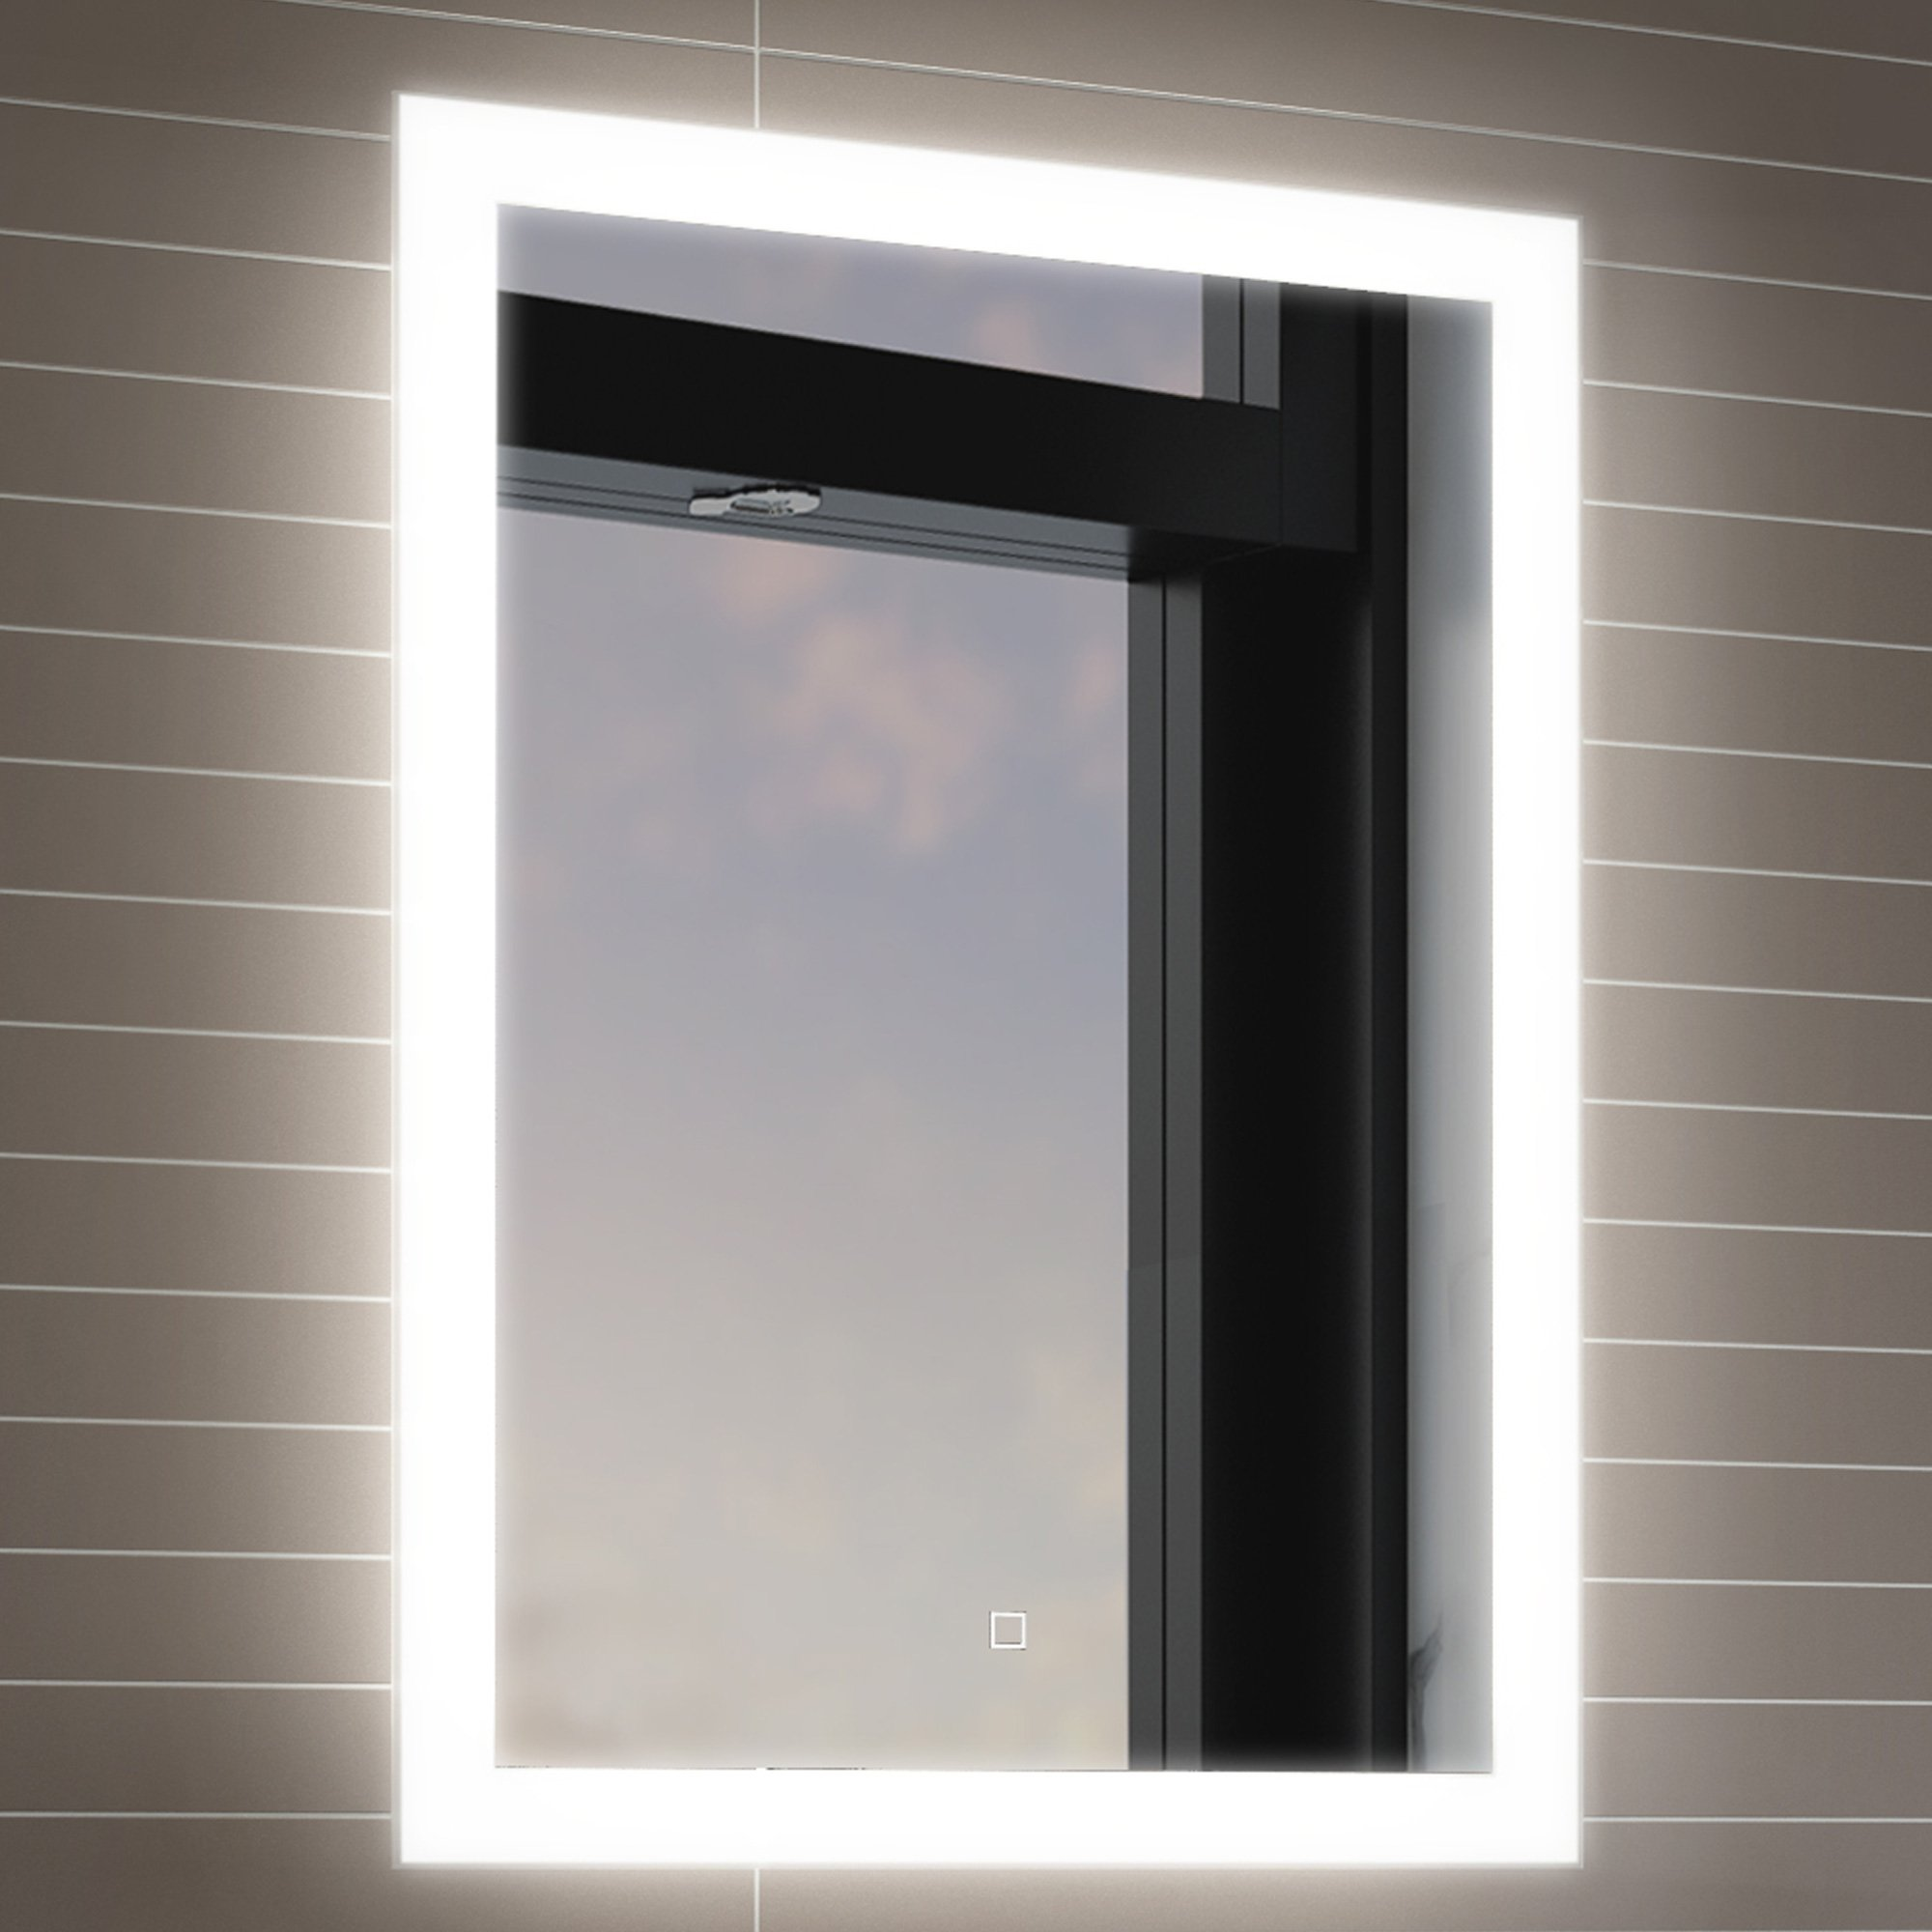 bathroom mirror with lights amazon co uk rh amazon co uk